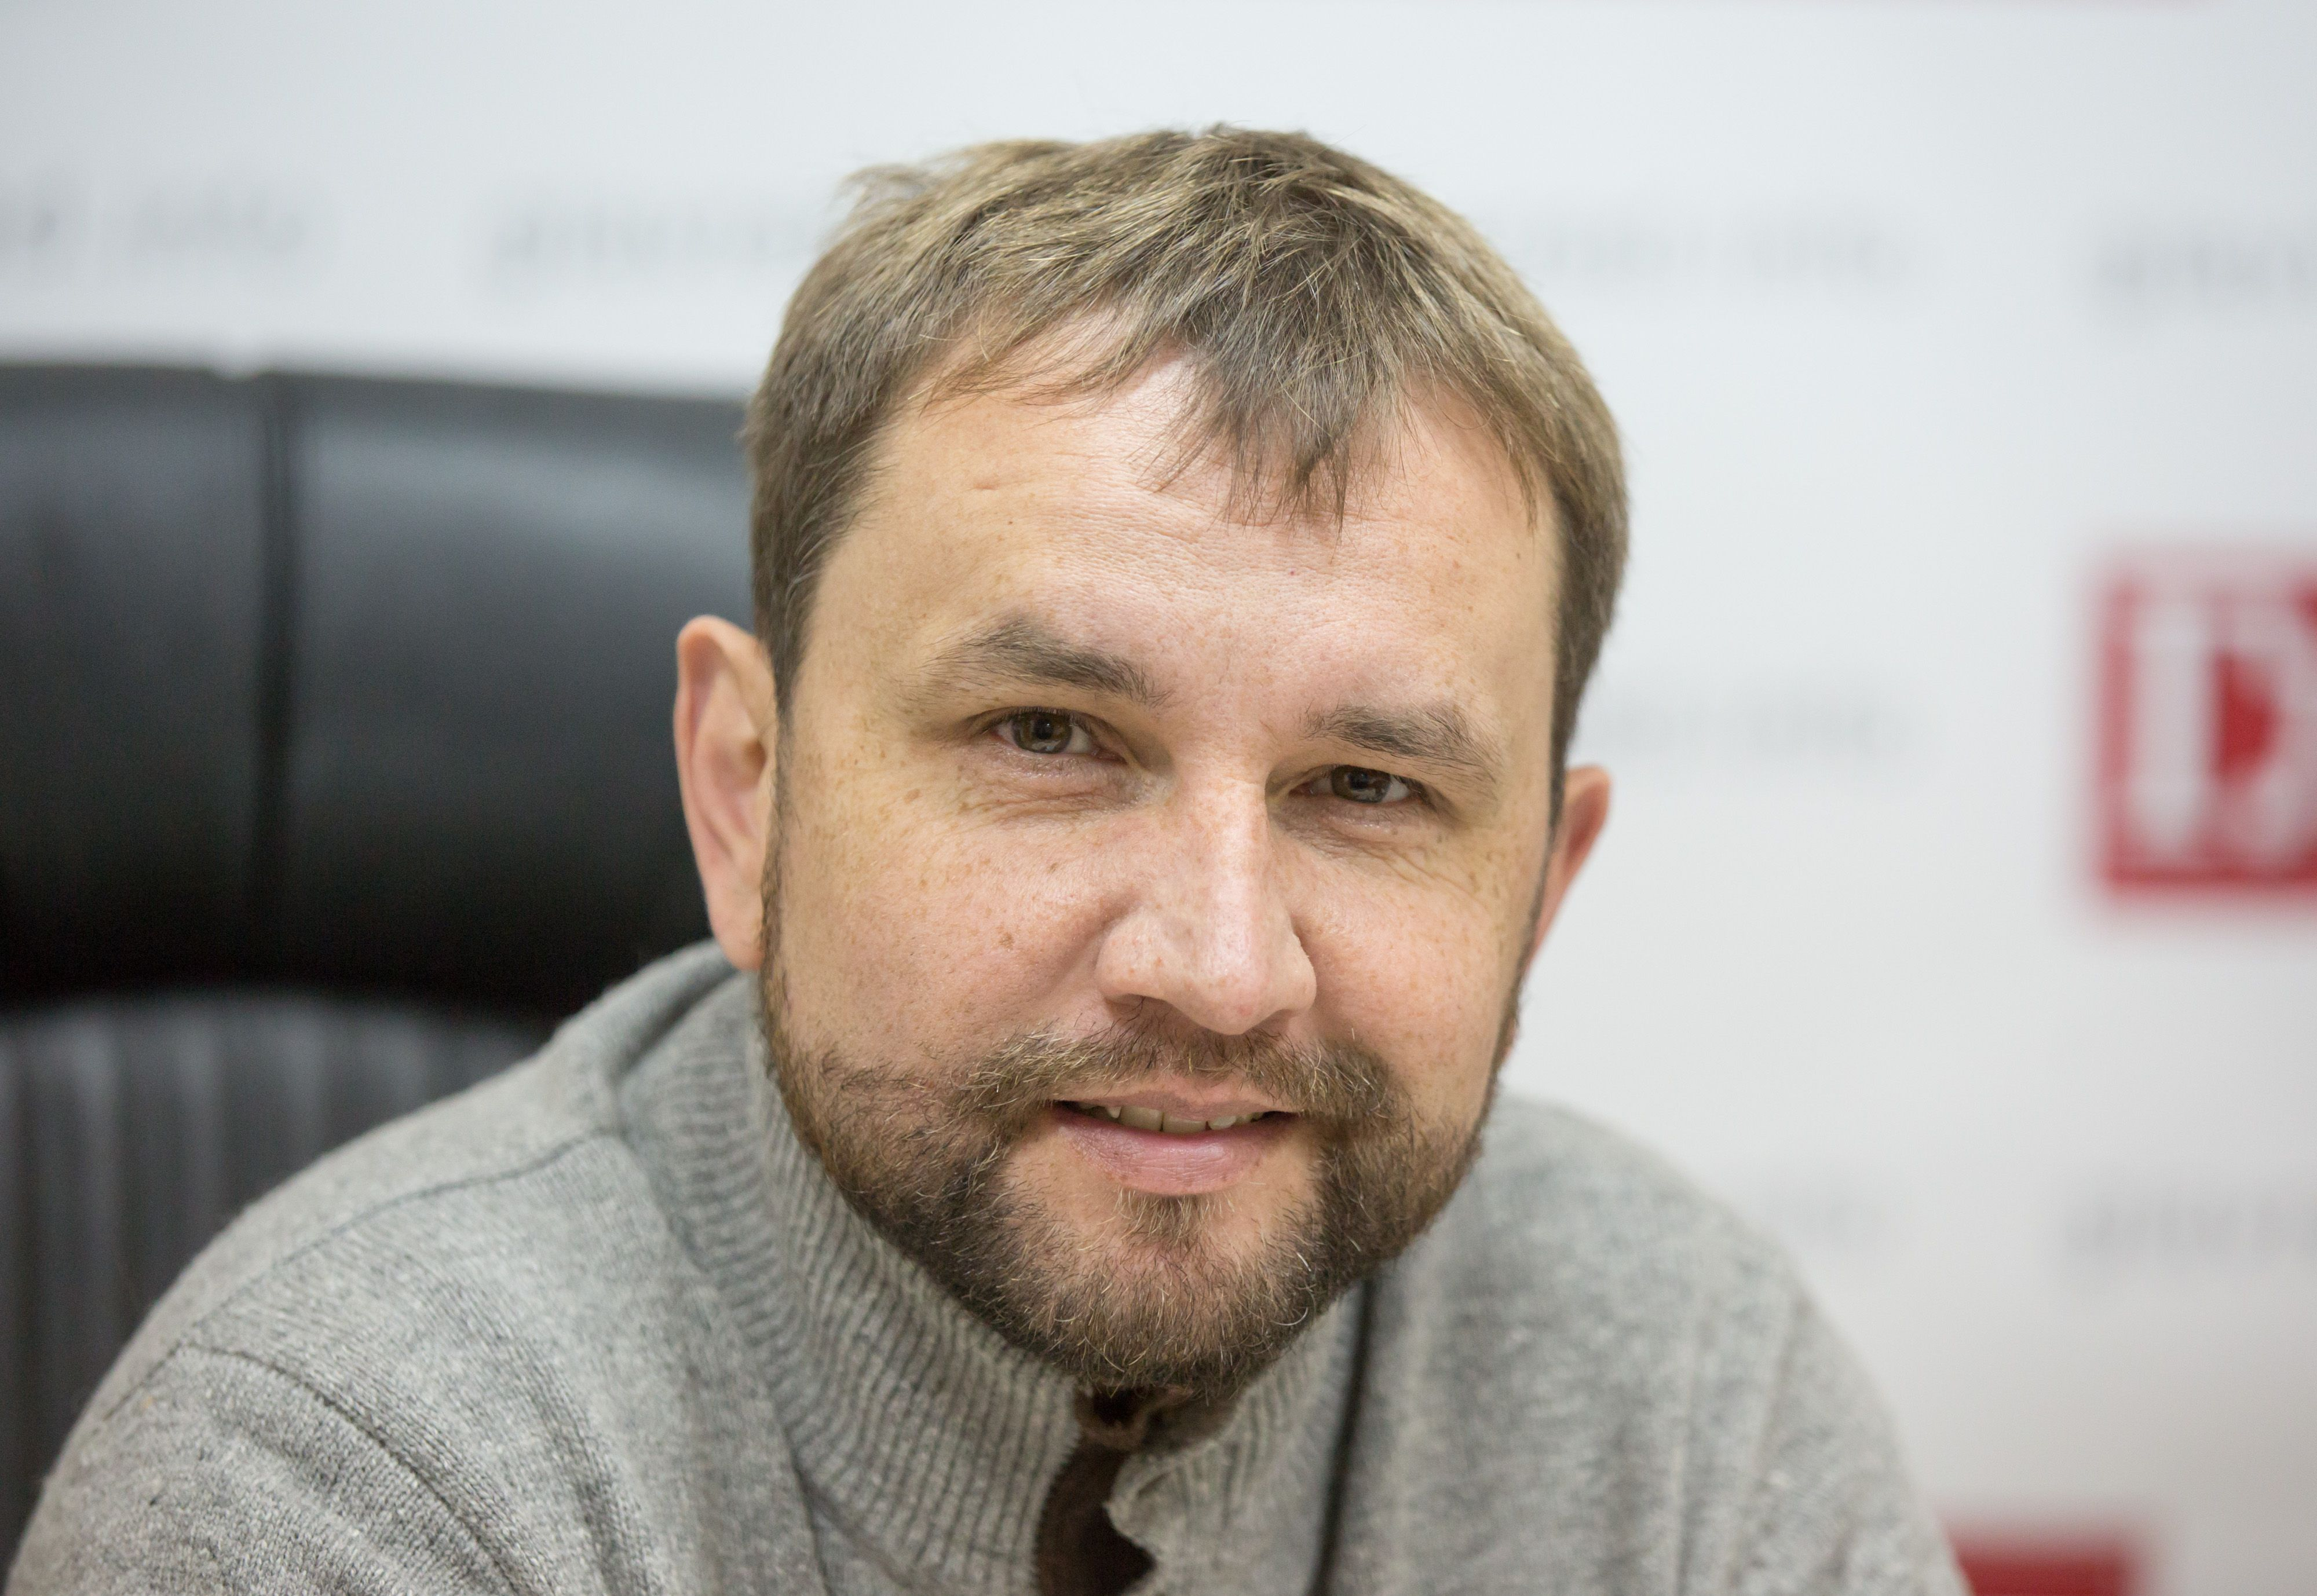 Рентген не ломает кости — только фиксирует переломы, подчеркнул Владимир Вятрович